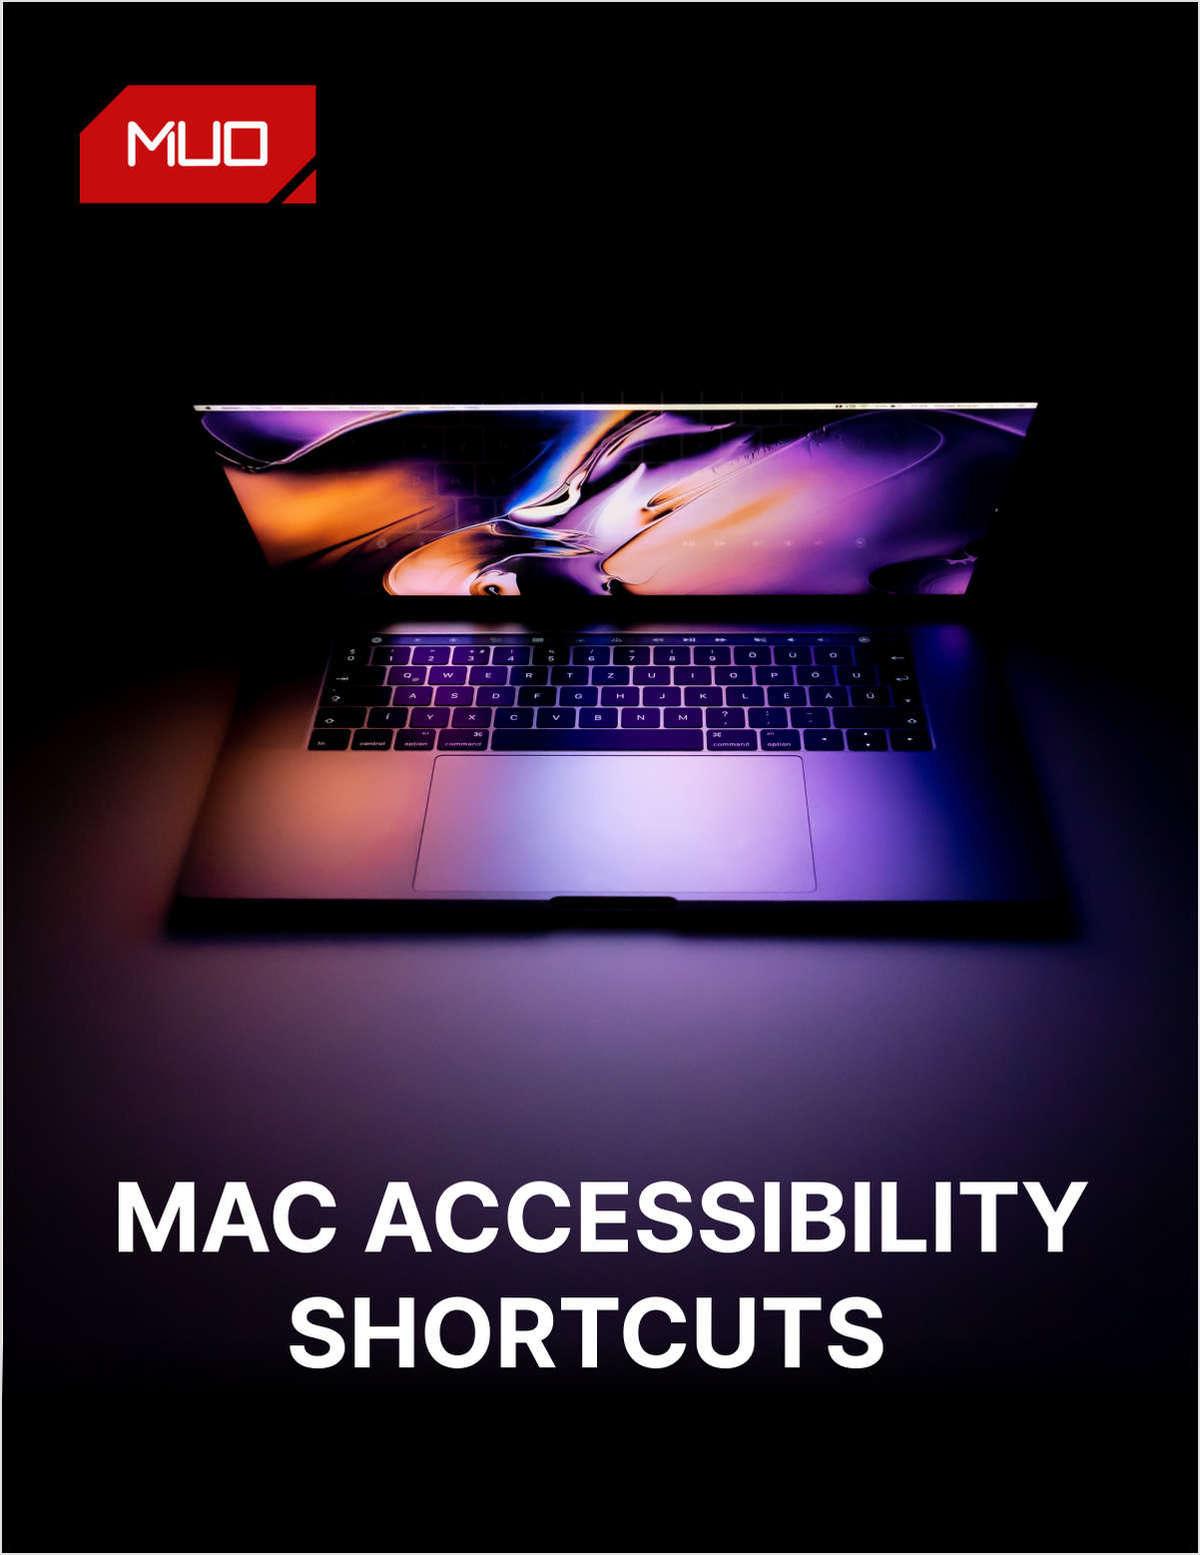 Mac Accessibility Shortcuts